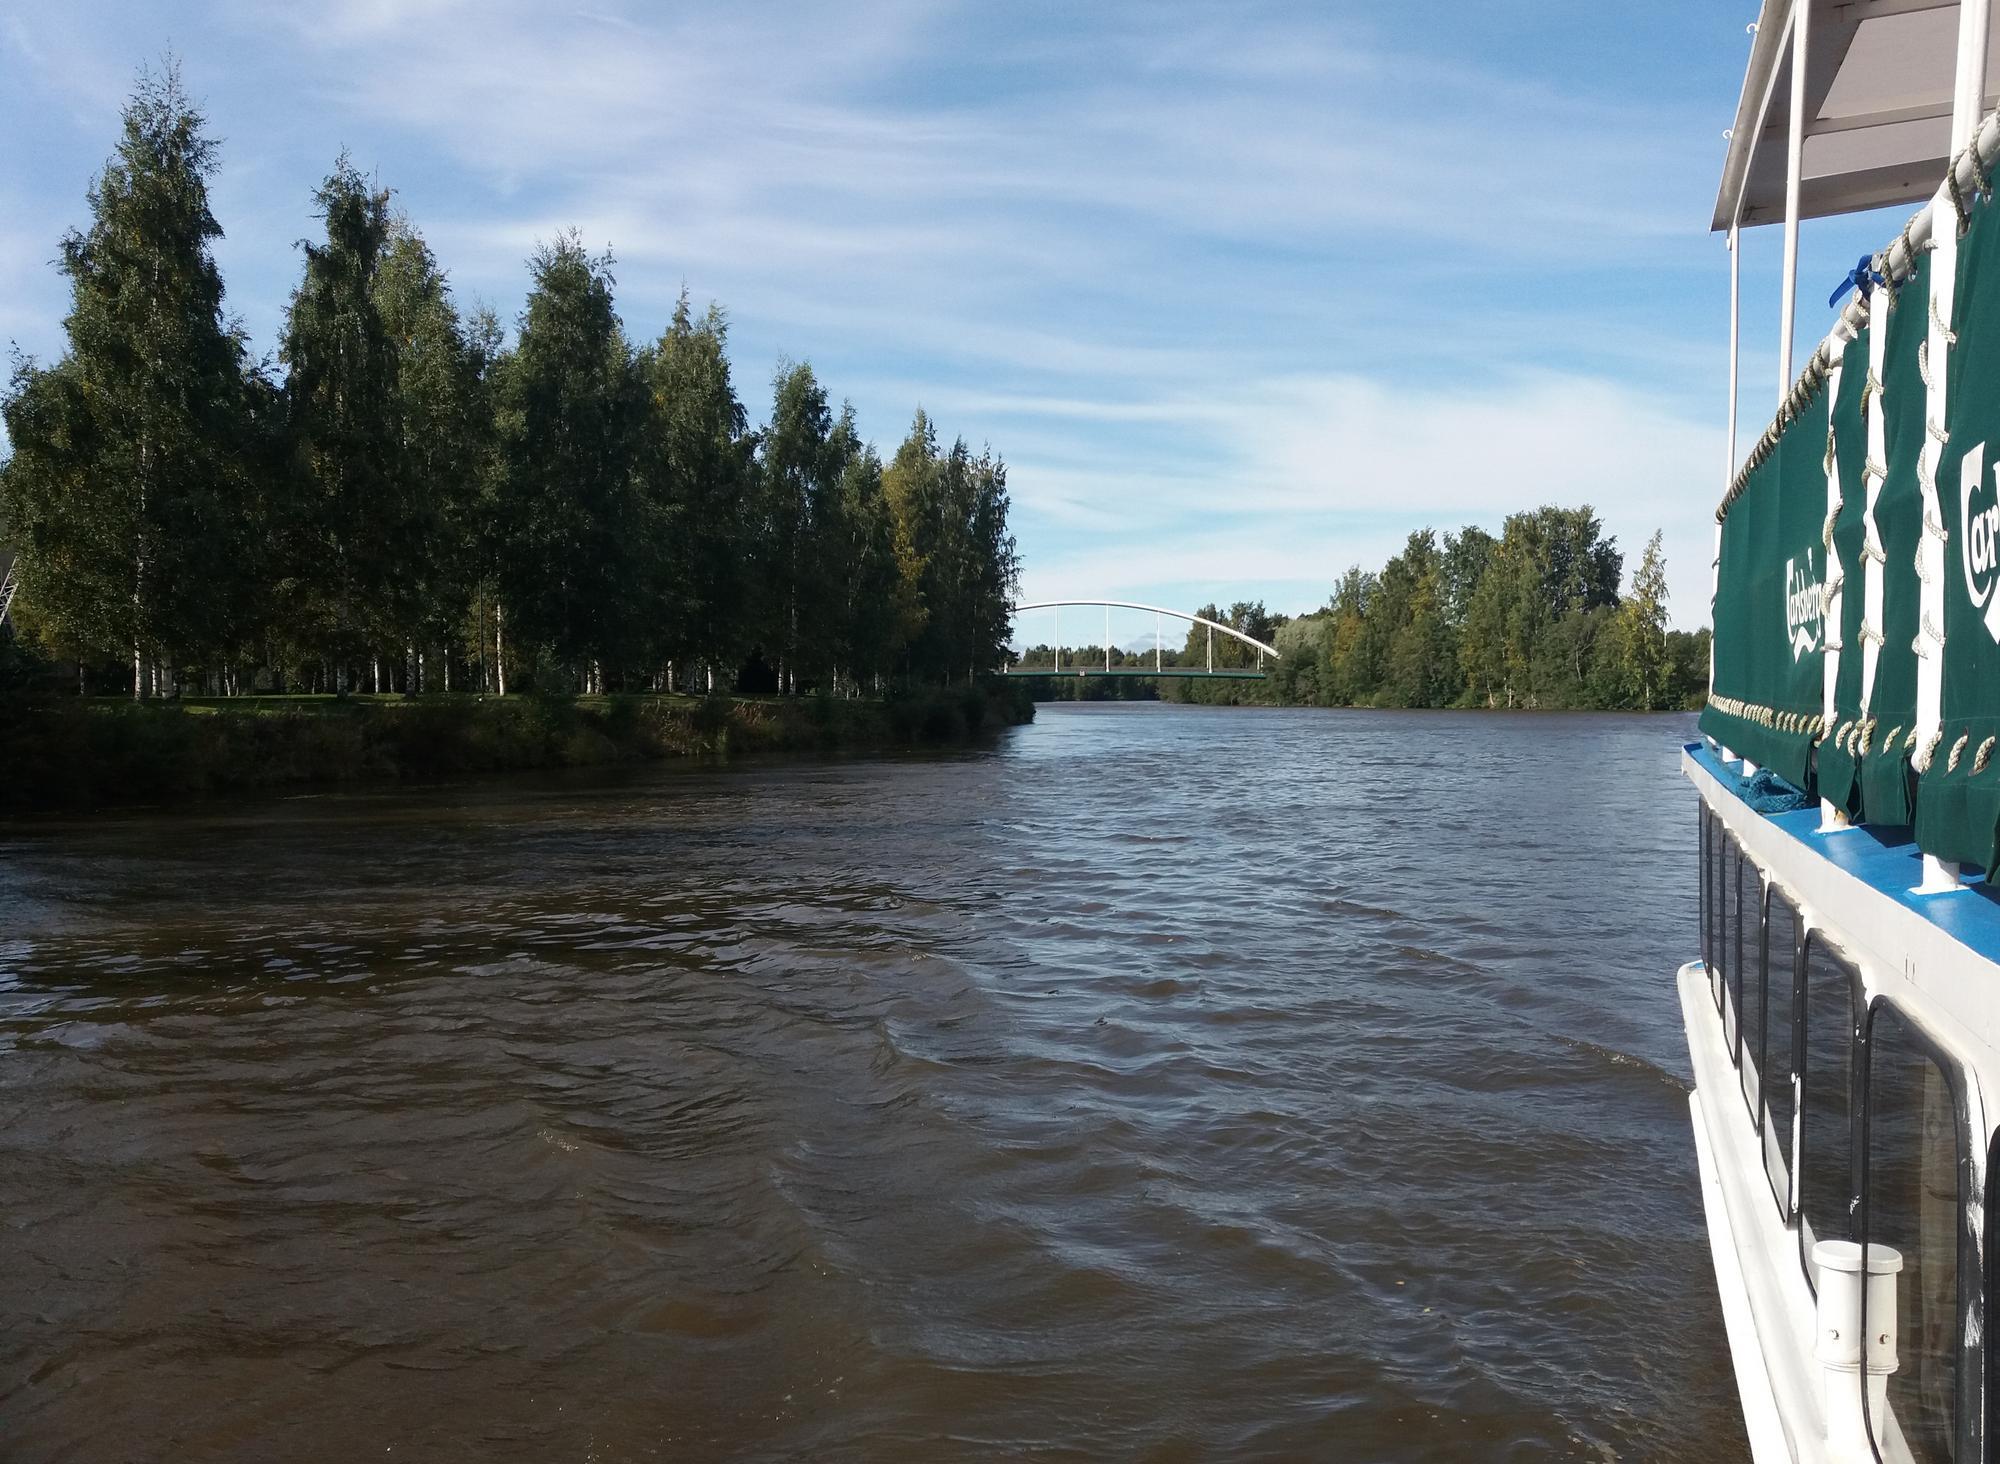 Kokemäenjoki matkailu- ja vapaa-ajanviettokohteena